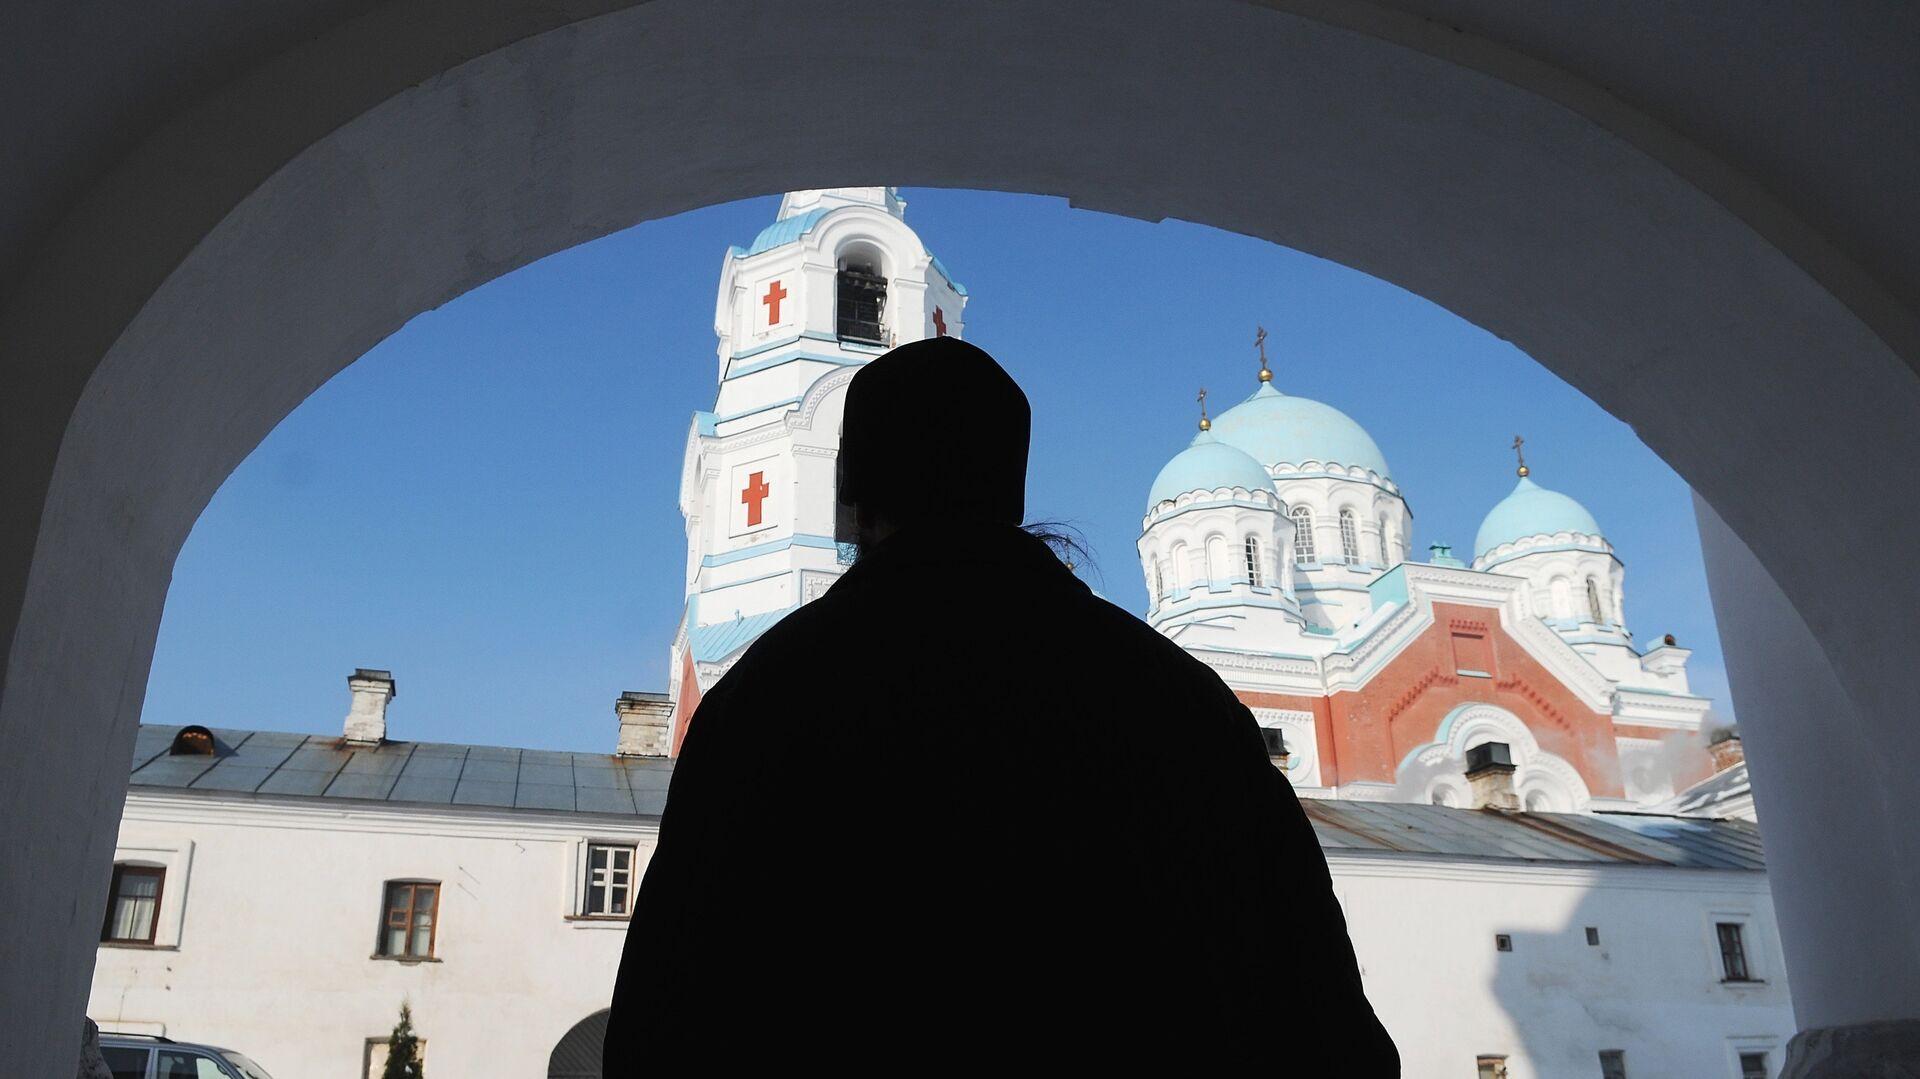 Валаамский монастырь - РИА Новости, 1920, 30.06.2021